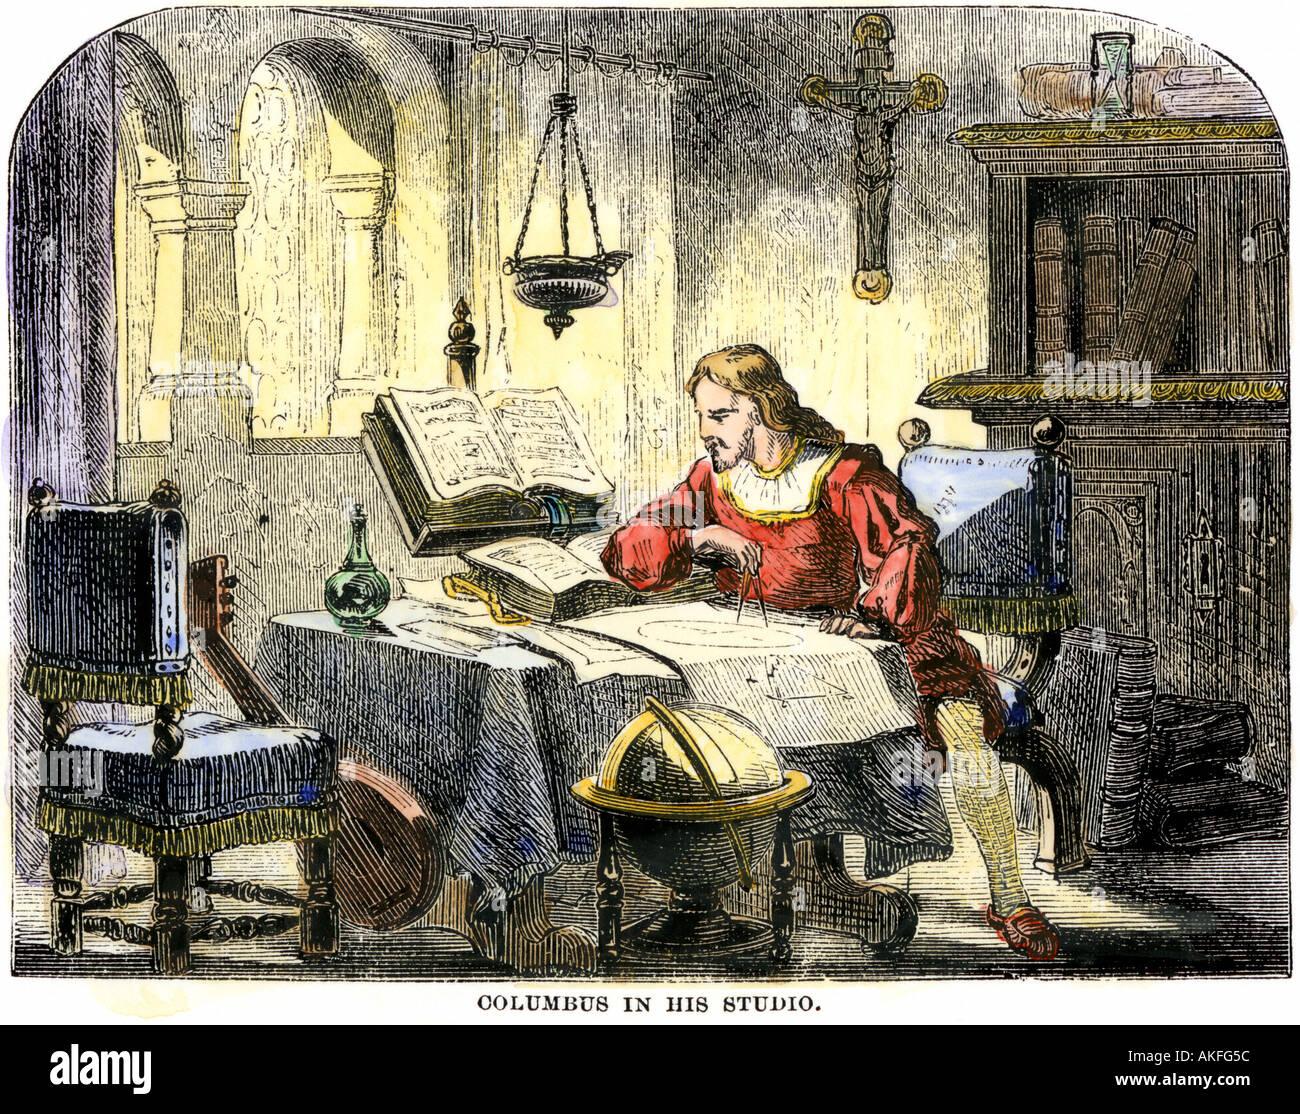 Christopher Columbus a studiare una mappa nel suo studio in spagna 1400s. Colorate a mano la xilografia Immagini Stock